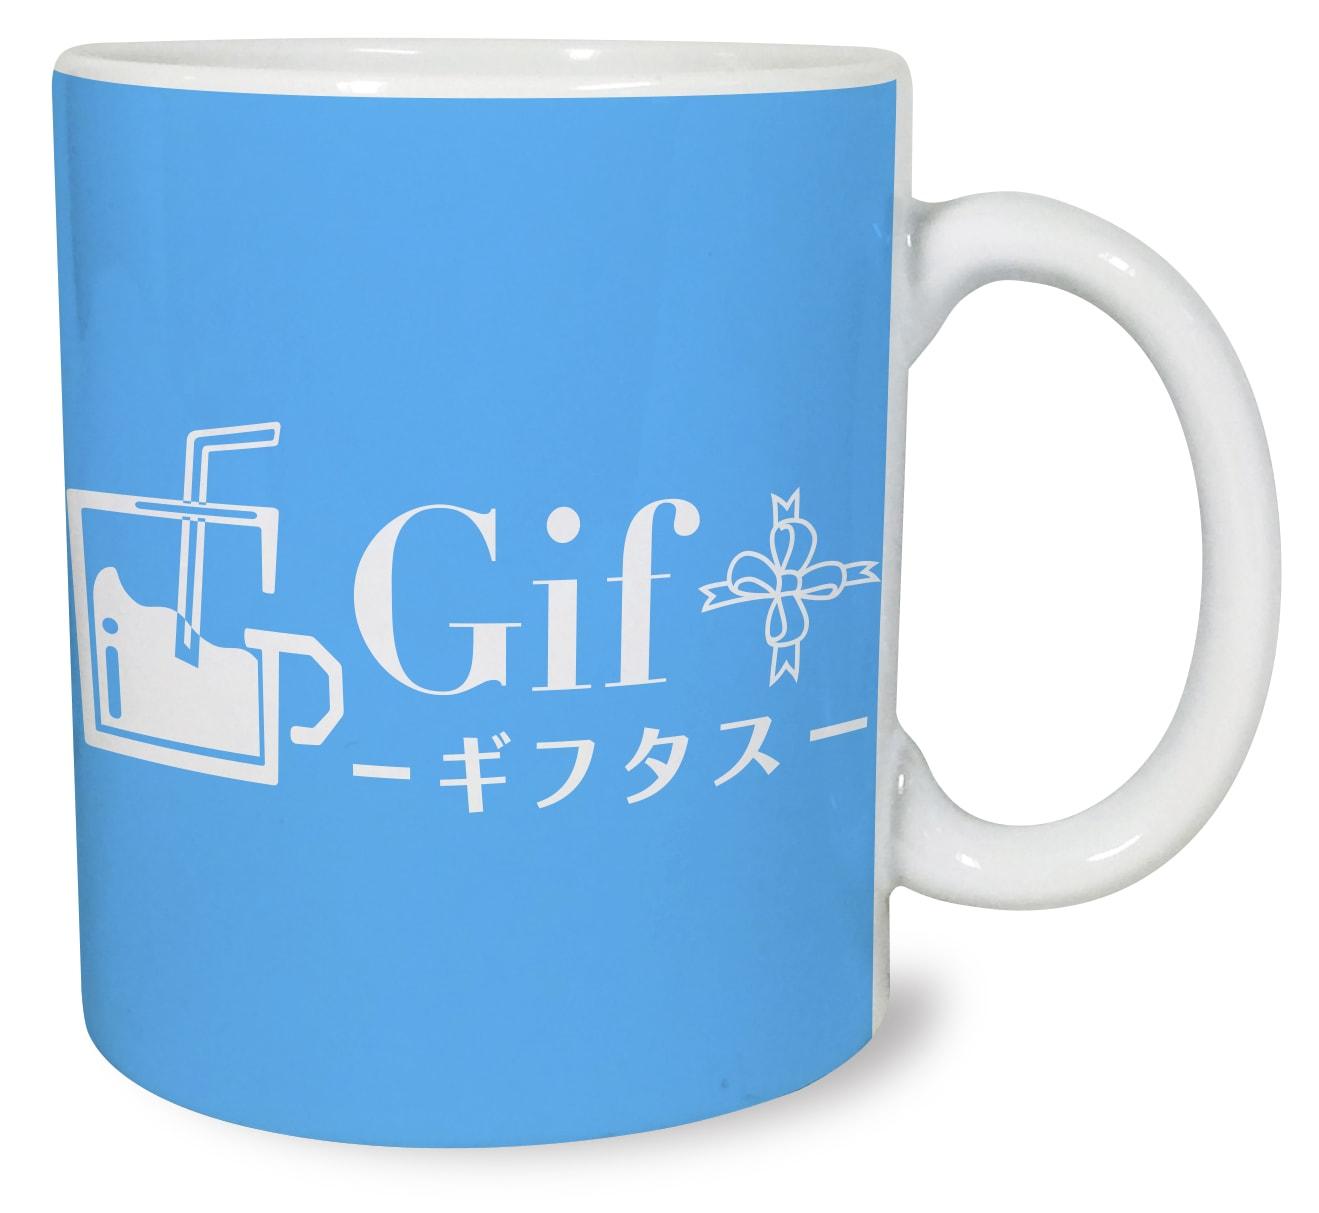 マグカップ大L